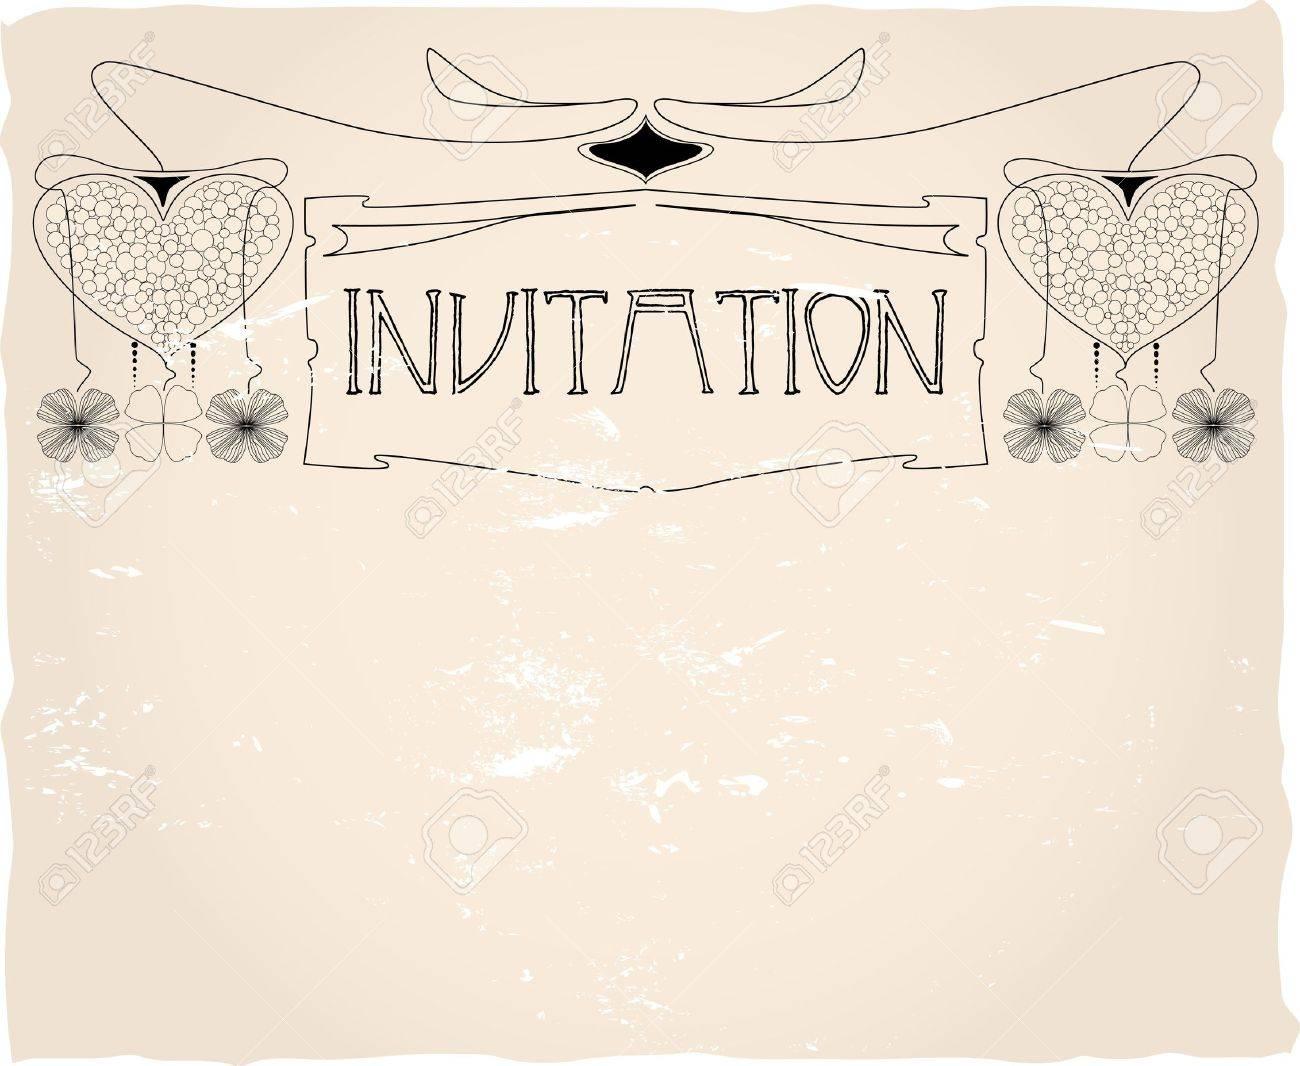 Plantilla De Tarjeta De Invitación Vintage Diseño Vectorial